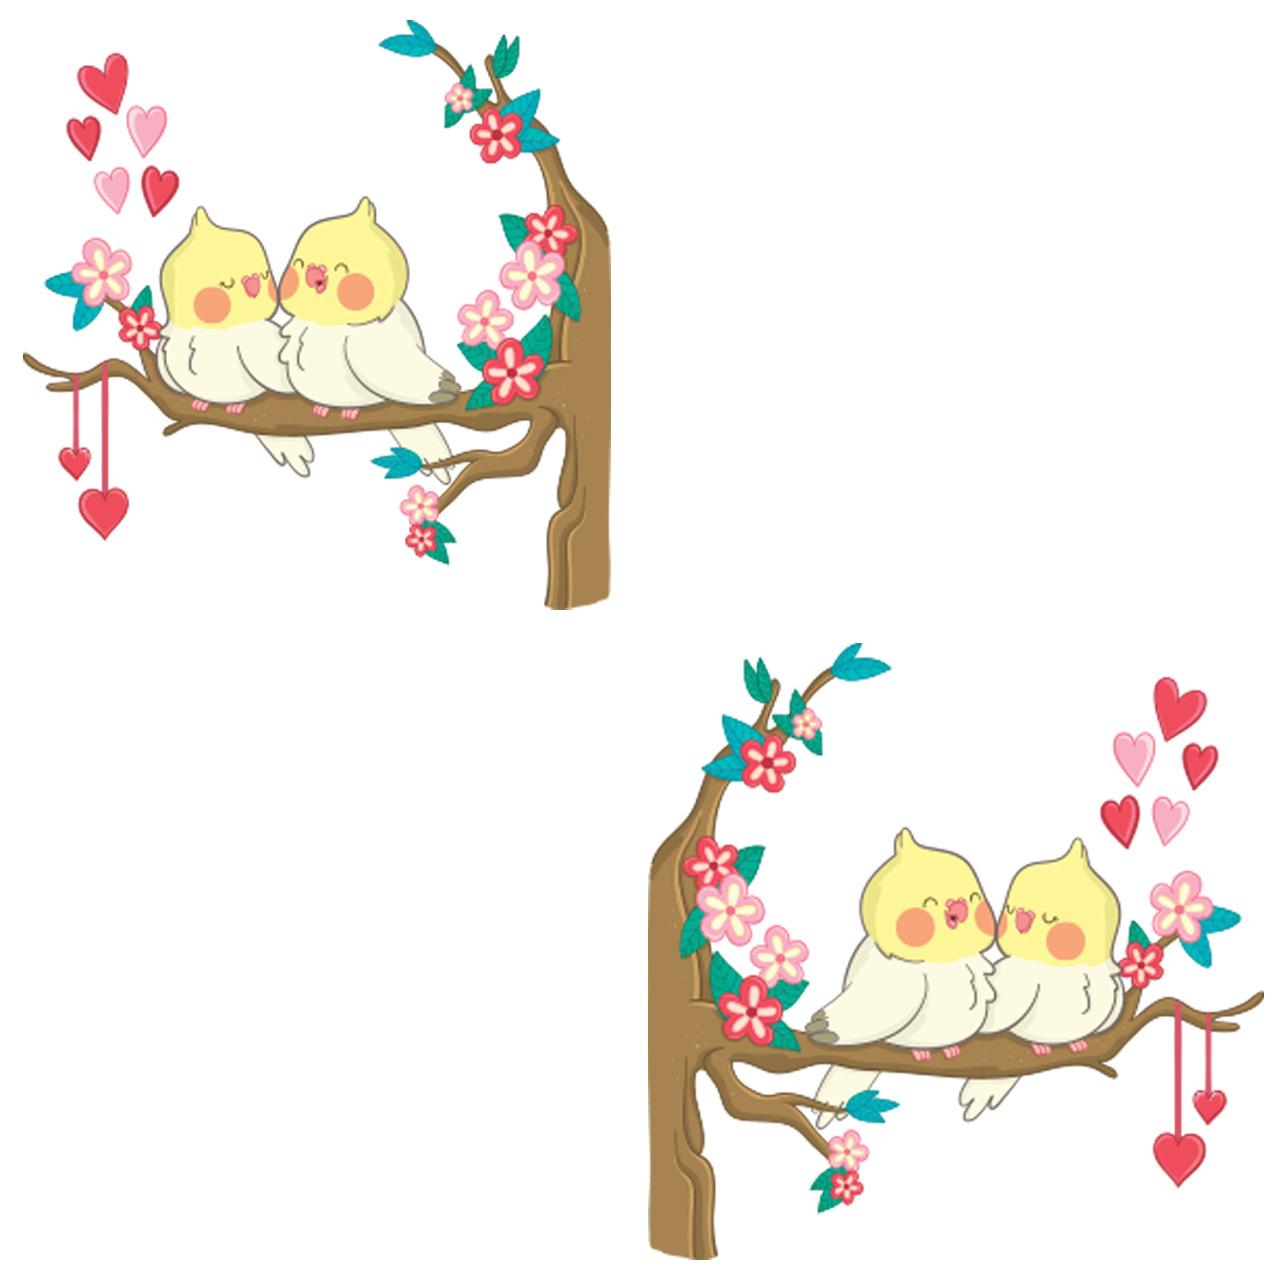 استیکر کلید پریز گراسیپا طرح پرنده های عاشق بسته ۲ عددی